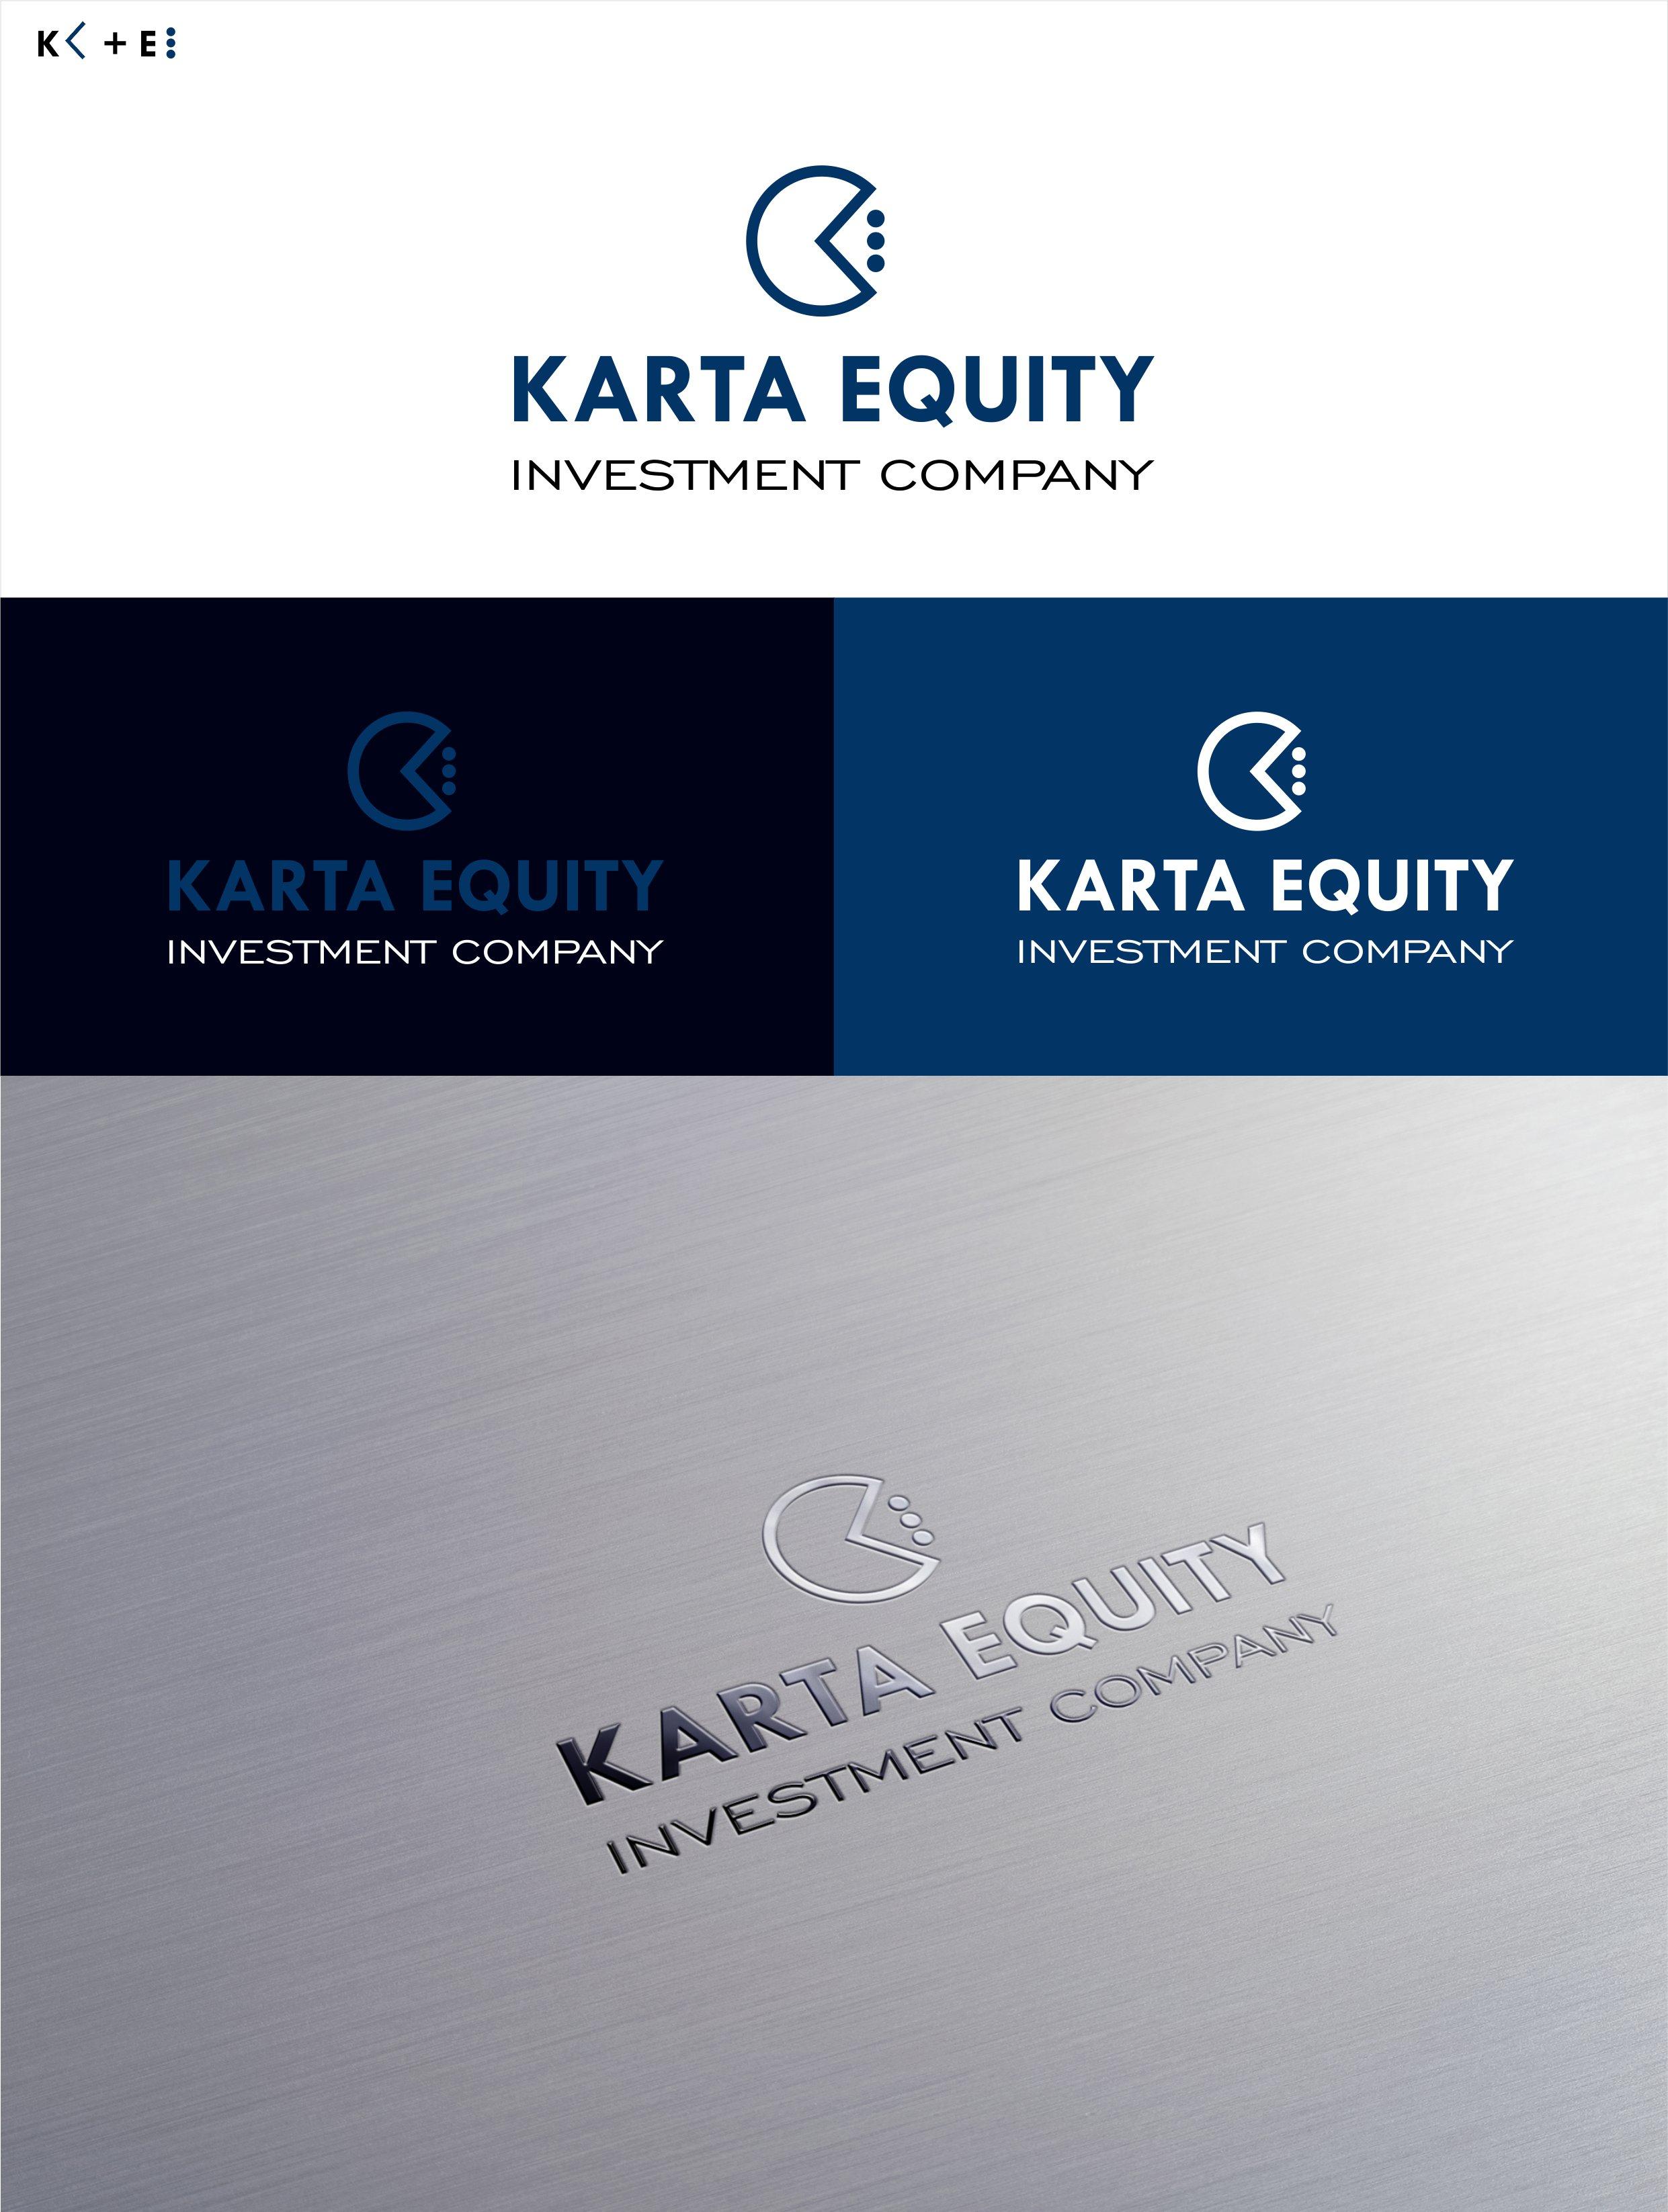 Логотип для компании инвестироваюшей в жилую недвижимость фото f_1145e1b6780358a3.jpg